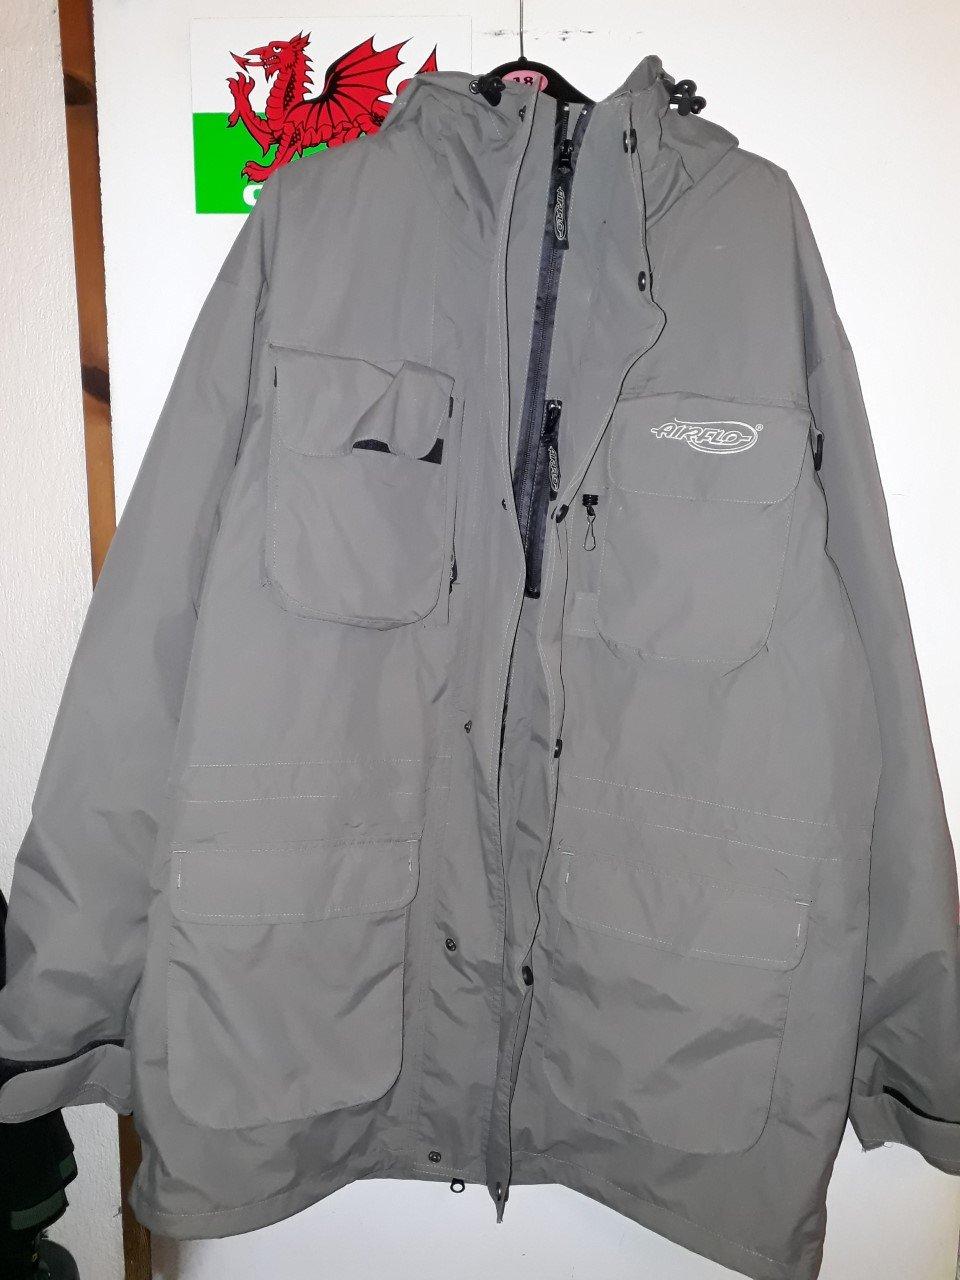 Airflo fishing jacket